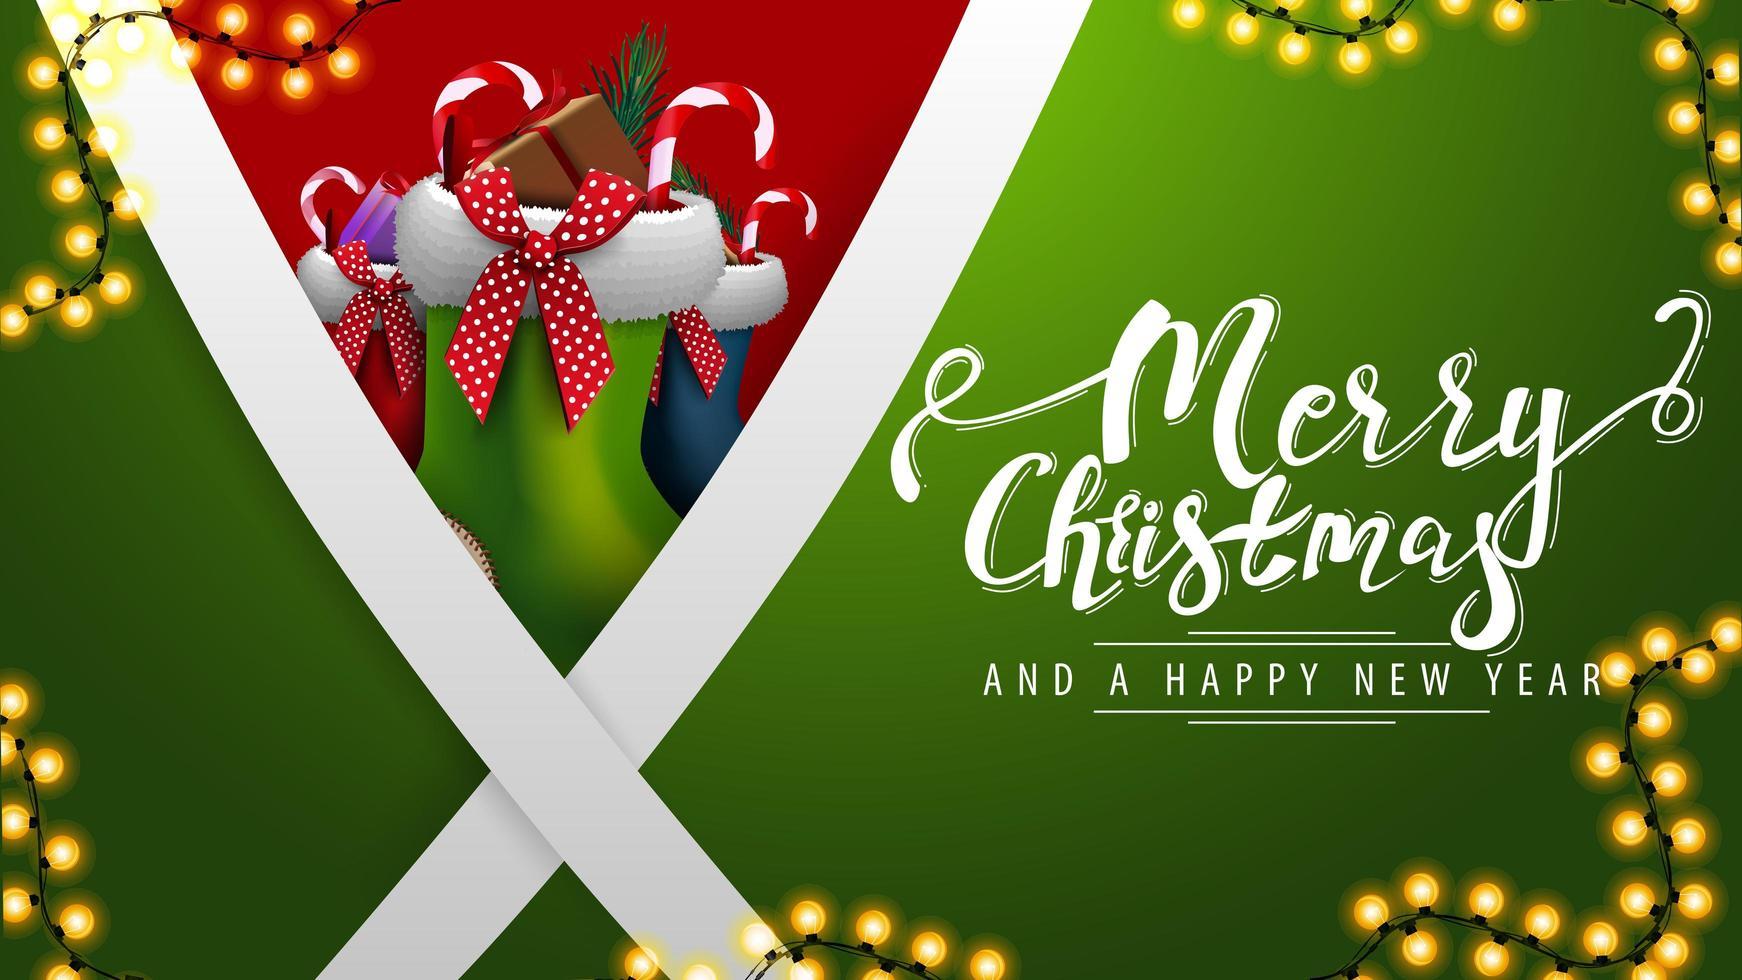 Joyeux Noël et bonne année, carte postale verte avec des lignes blanches diagonales et des bas de Noël derrière vecteur